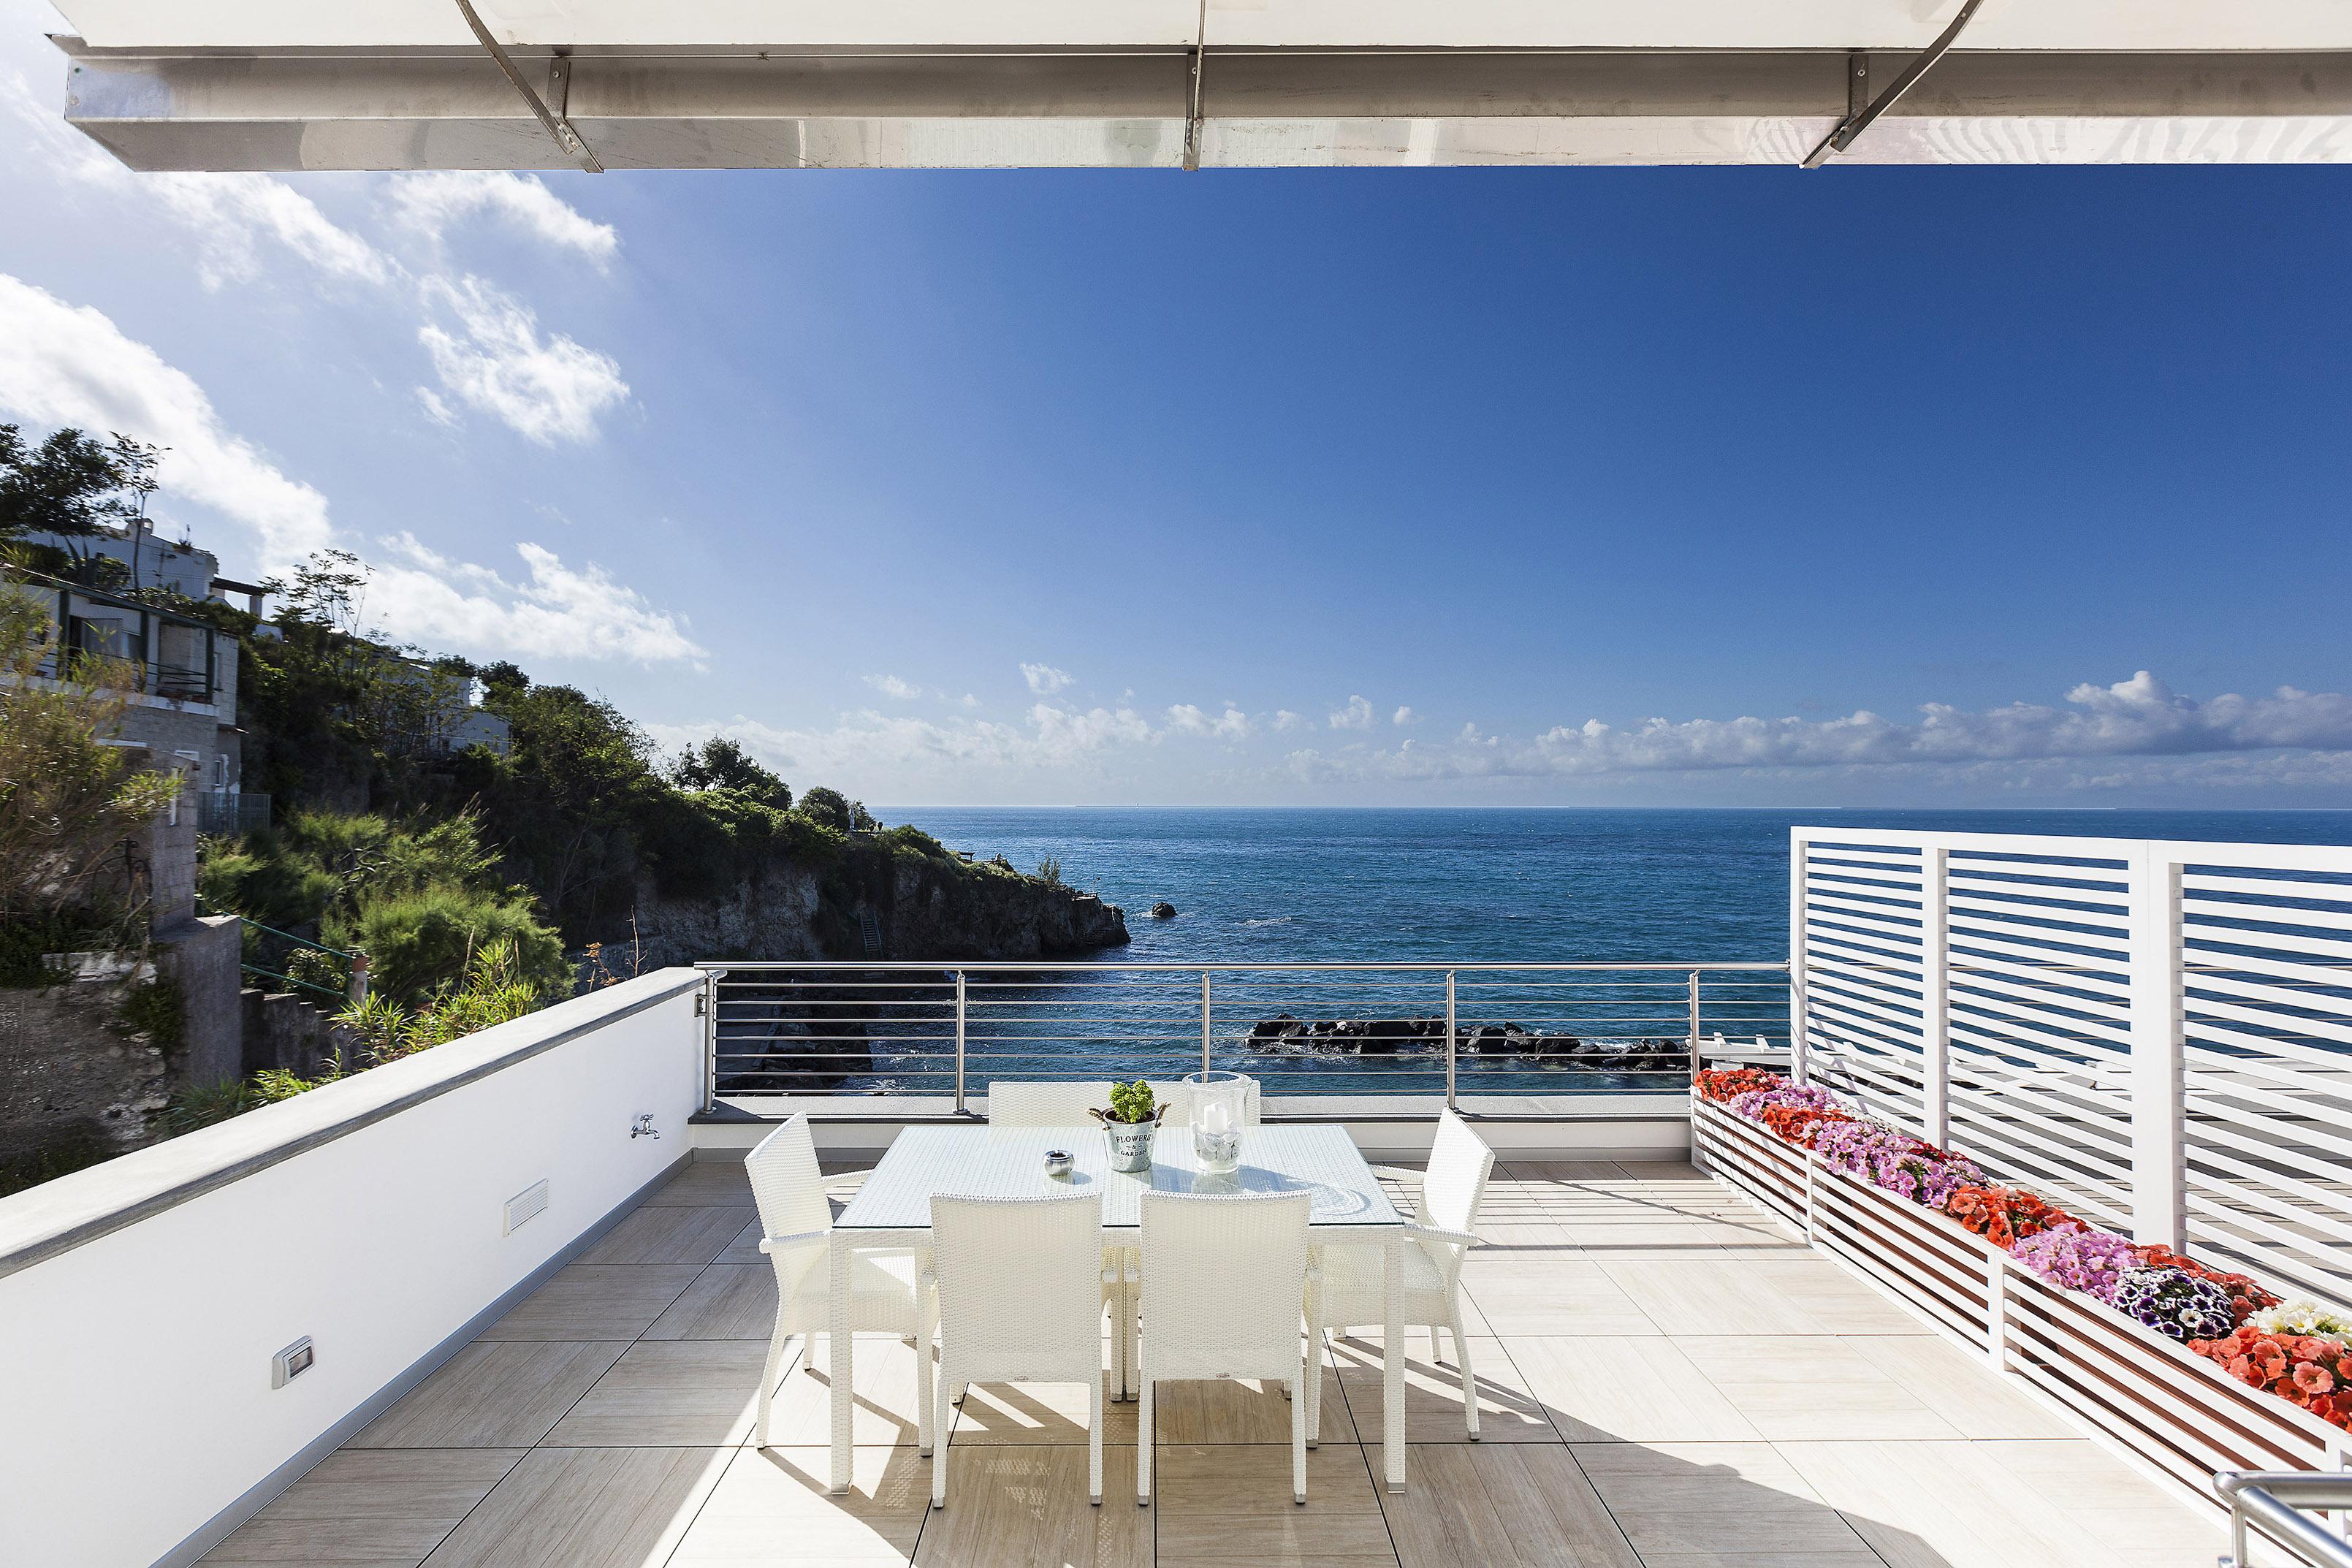 Contract per hotel - Ischia Blu Resort